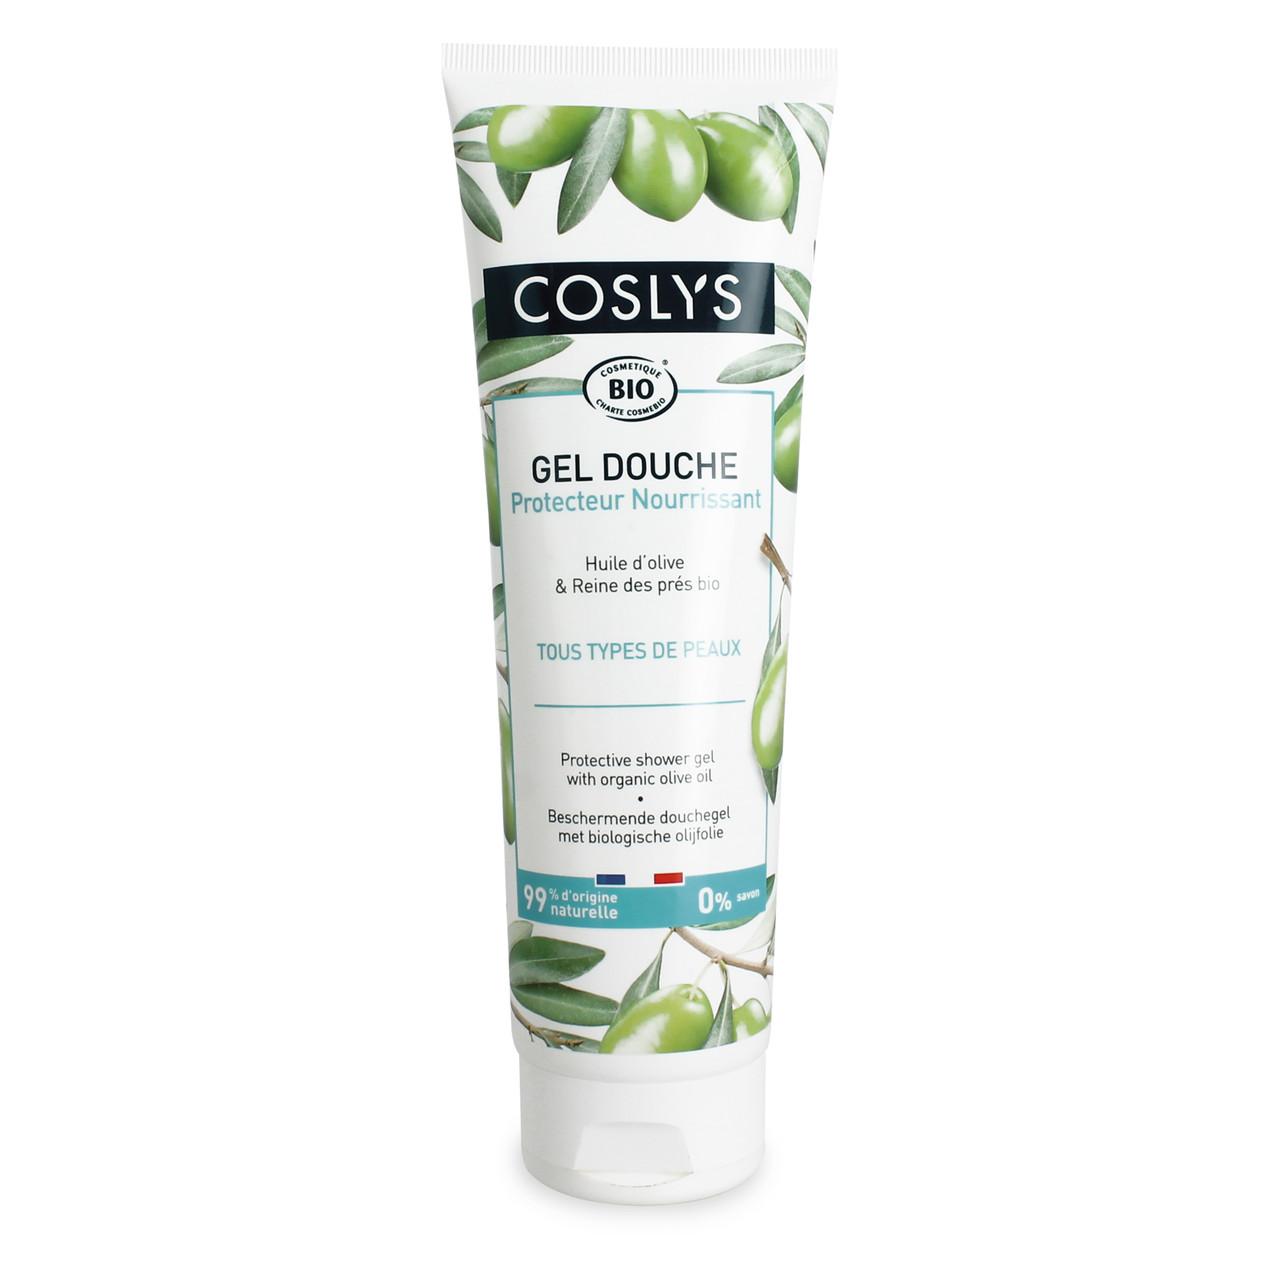 Гель для душа защищающий на основе оливкового масла Coslys,250 мл